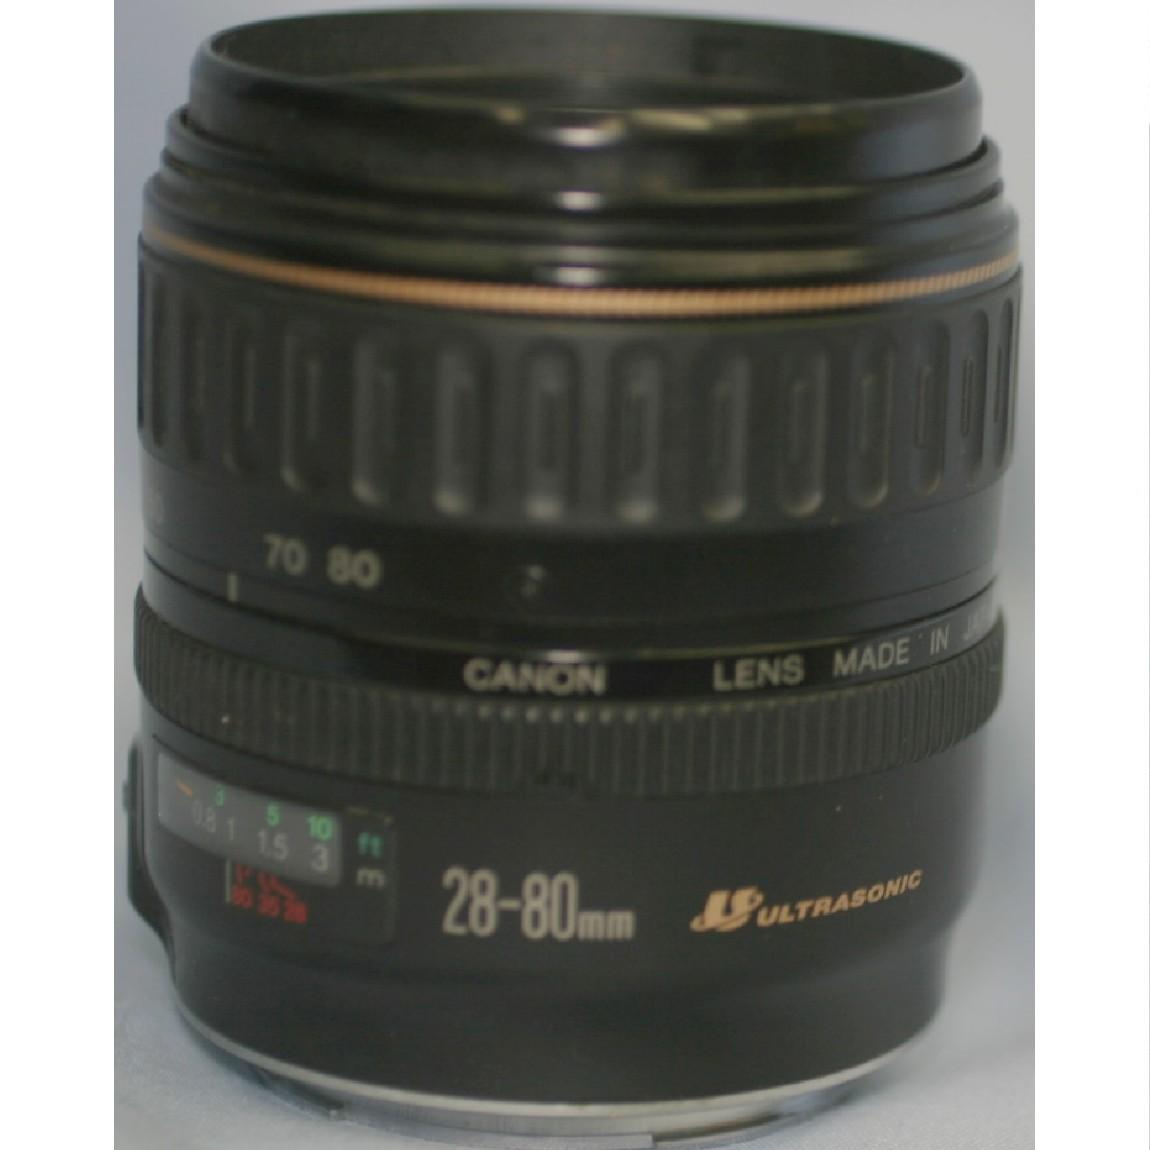 【中古】美品キャノン1眼レフデジタルカメラ使用可能純正AFレンズ28-80mm USM ○F9-14-2